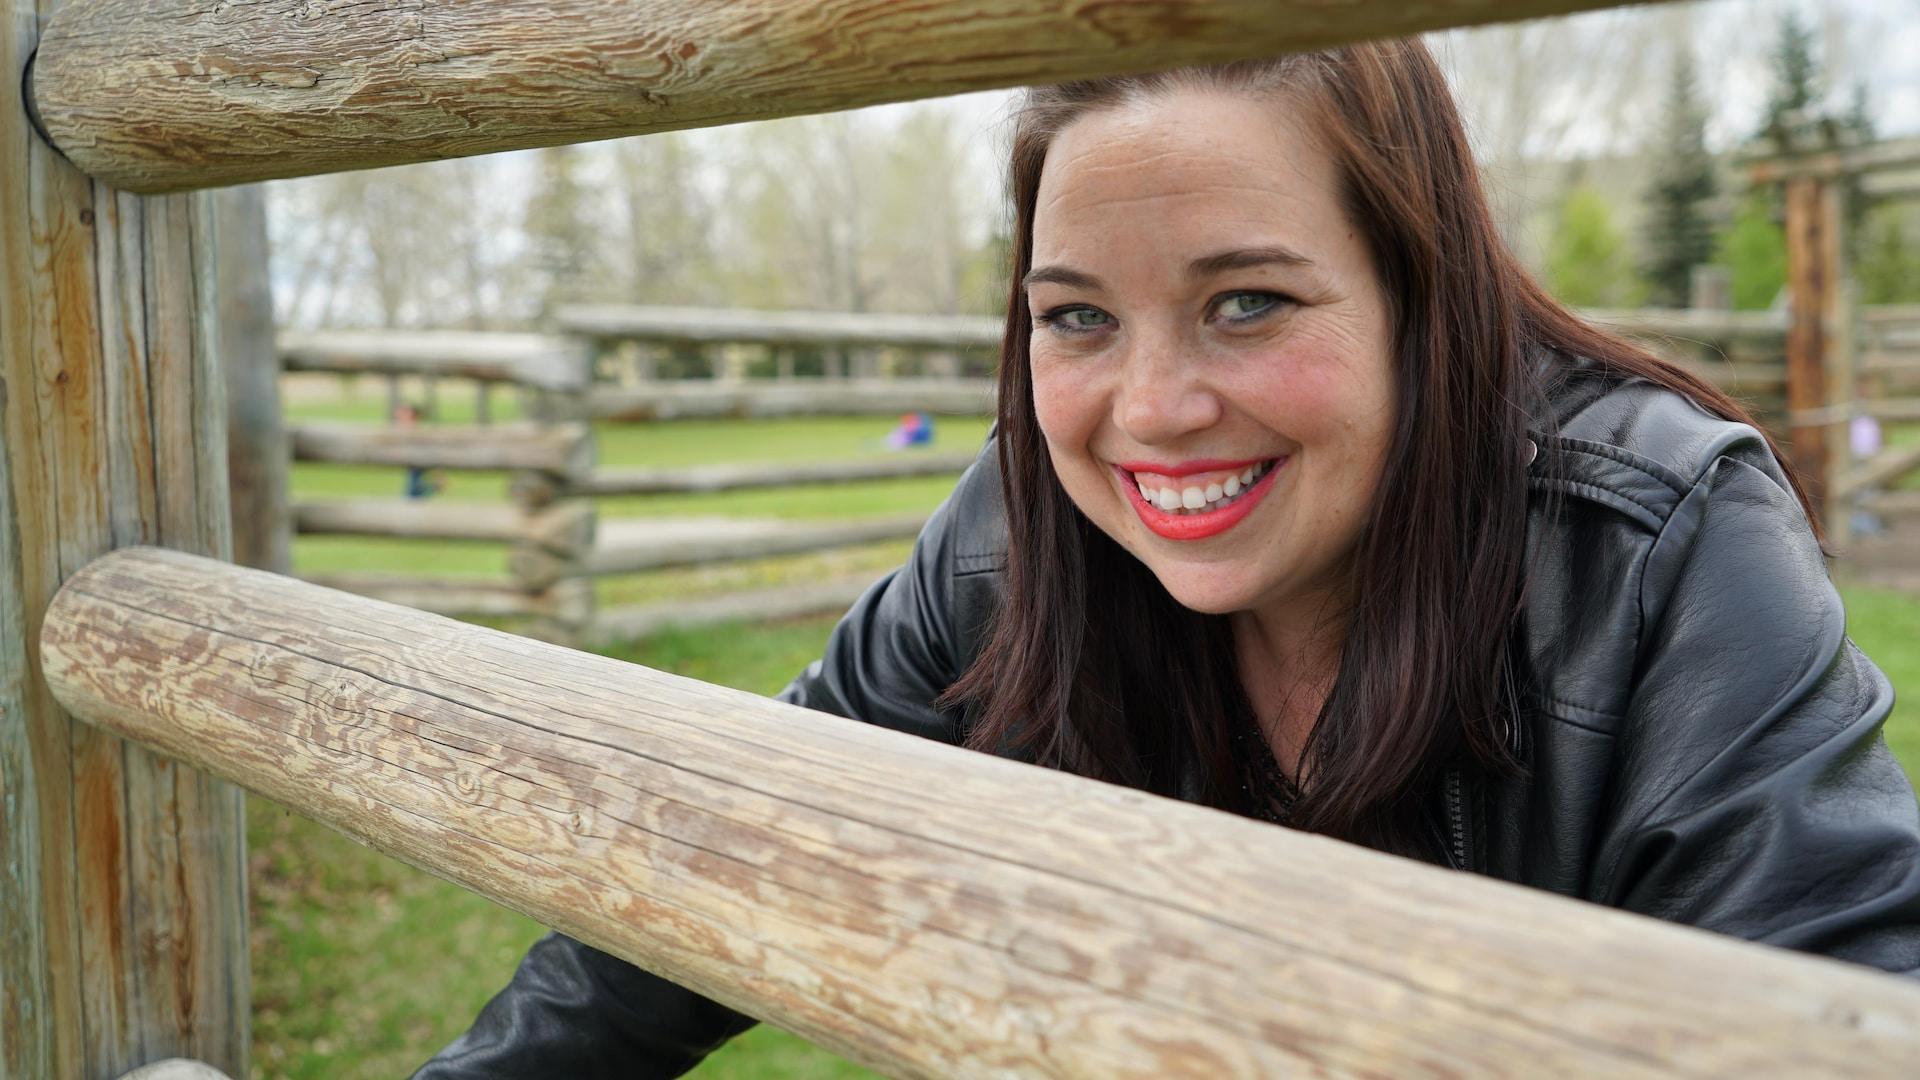 Une femme sourit derrière une clôture en bois.